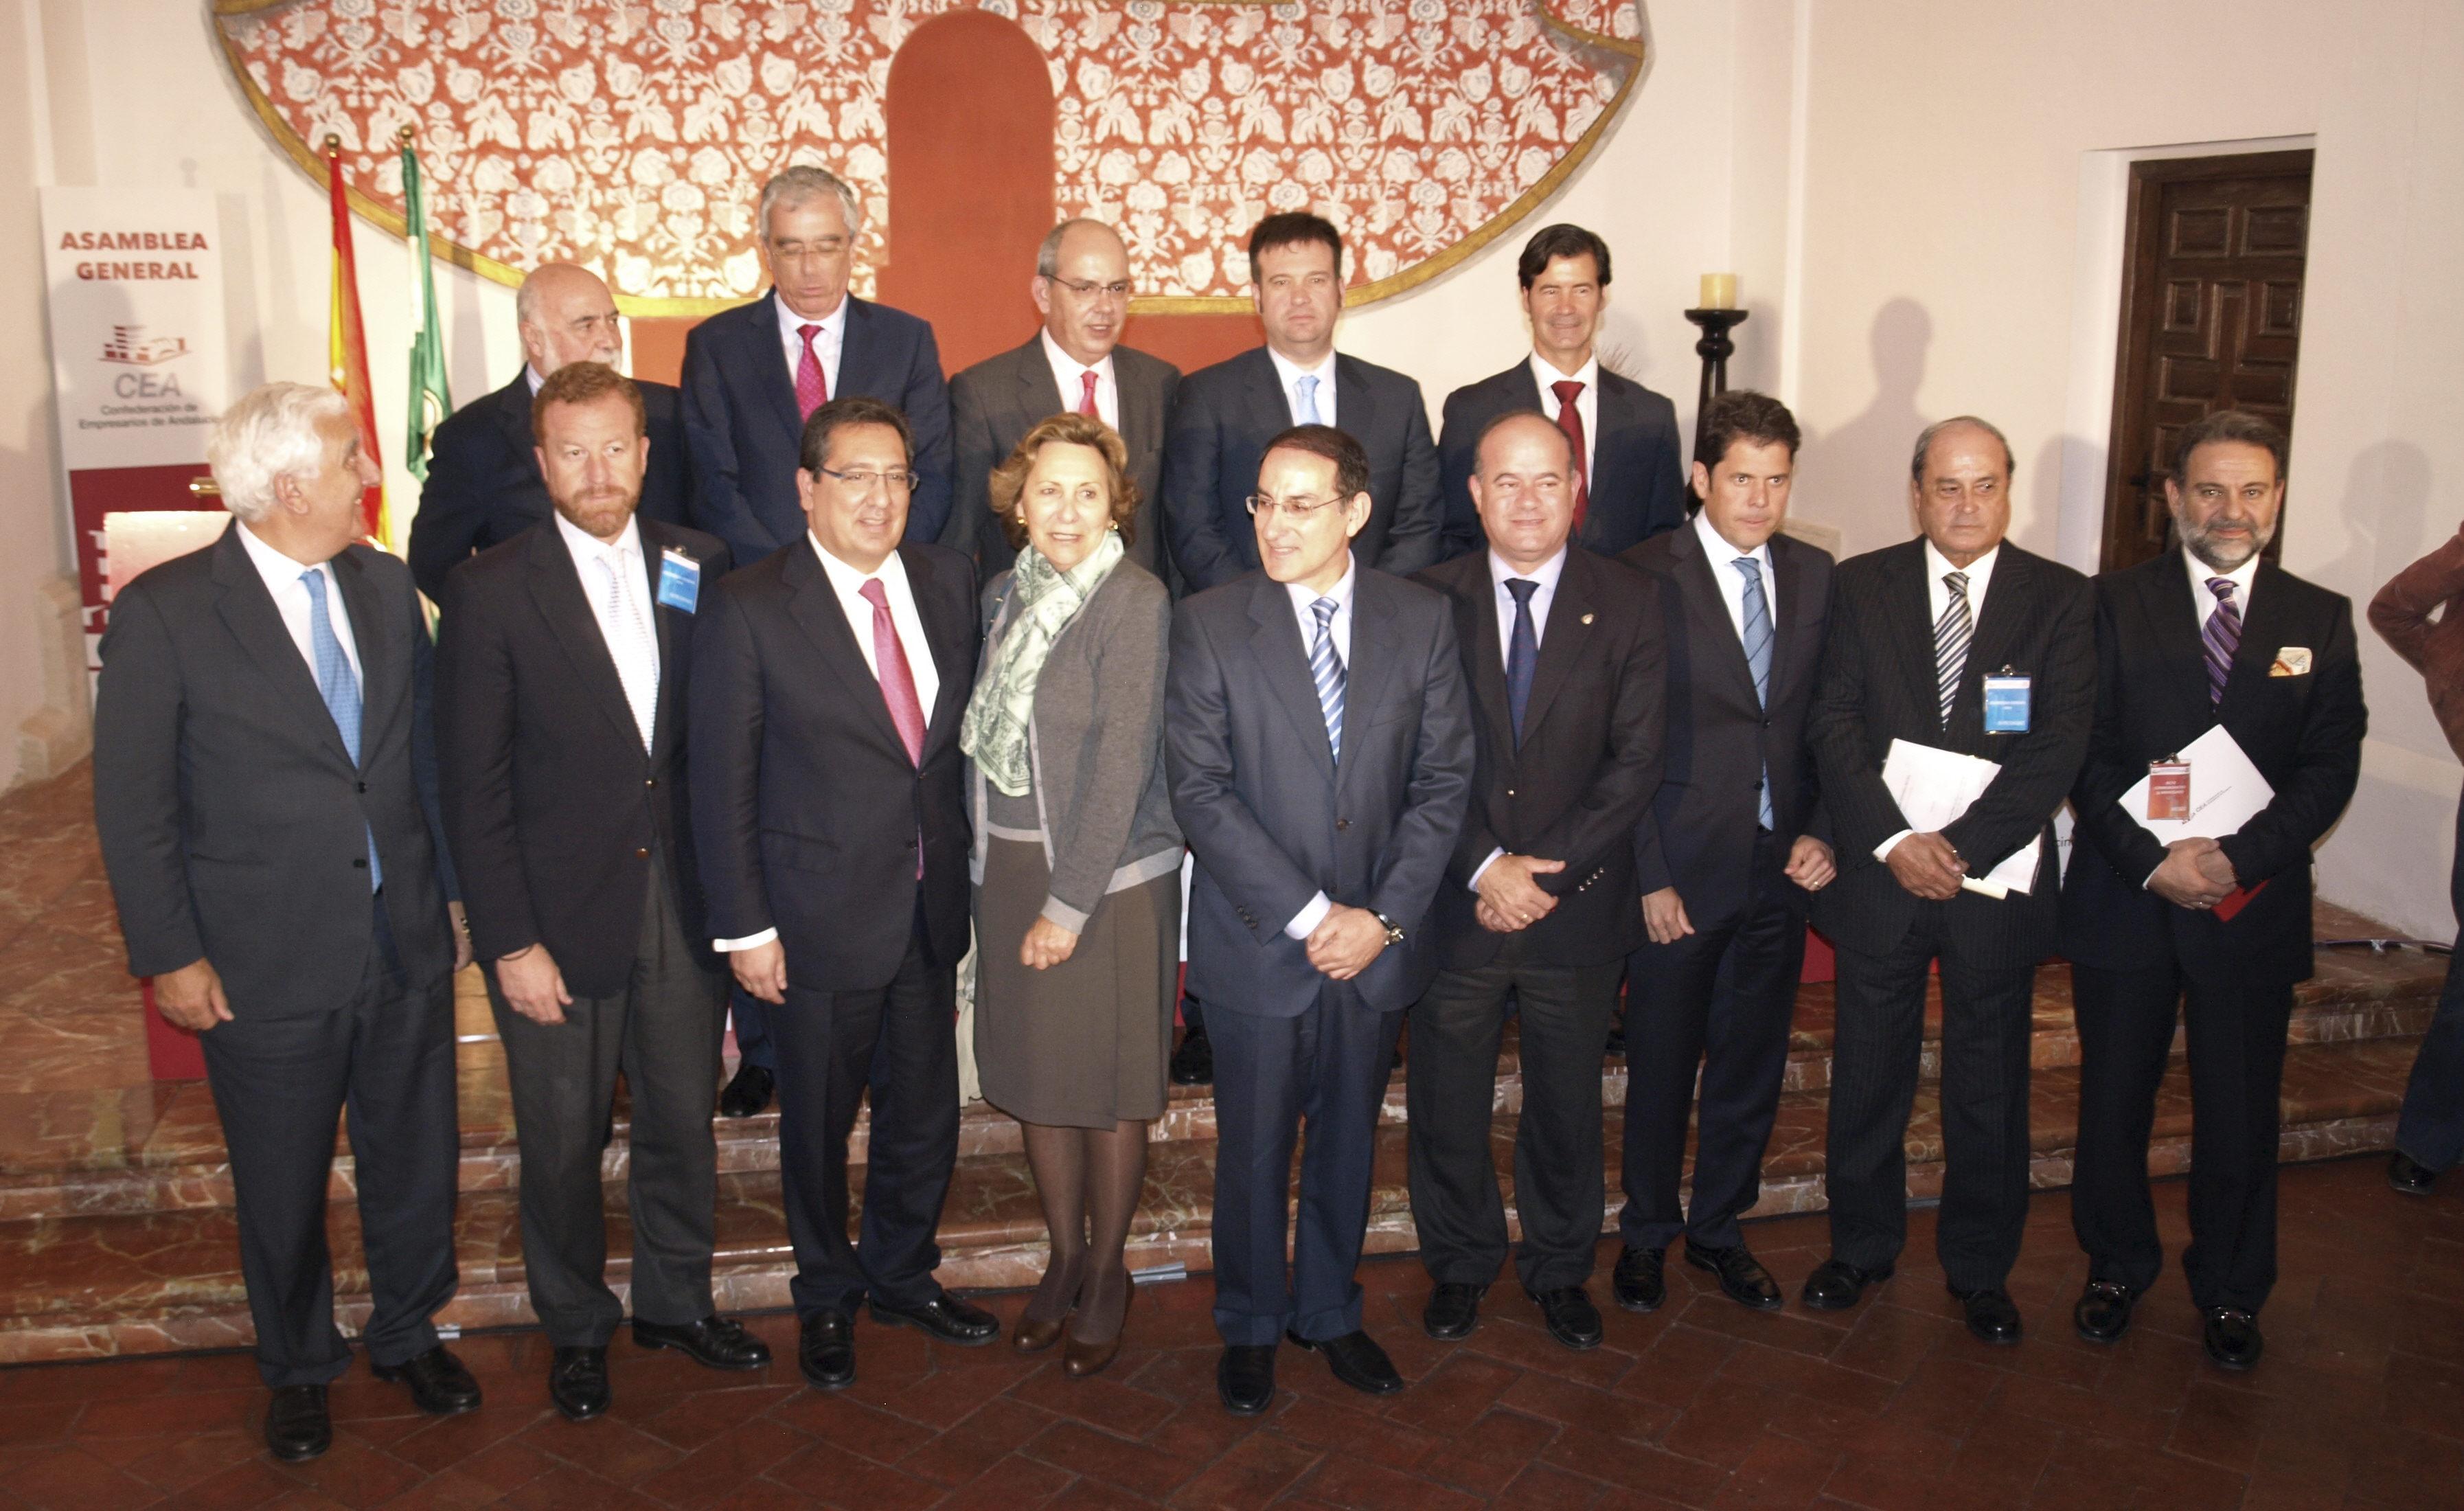 González de Lara posa con los presidentes de las patronales provinciales, Santiago Herrero, Antonio Pulido, Manuel Otero y la viuda de Rafael Álvarez Colunga, entre otros. / EFE